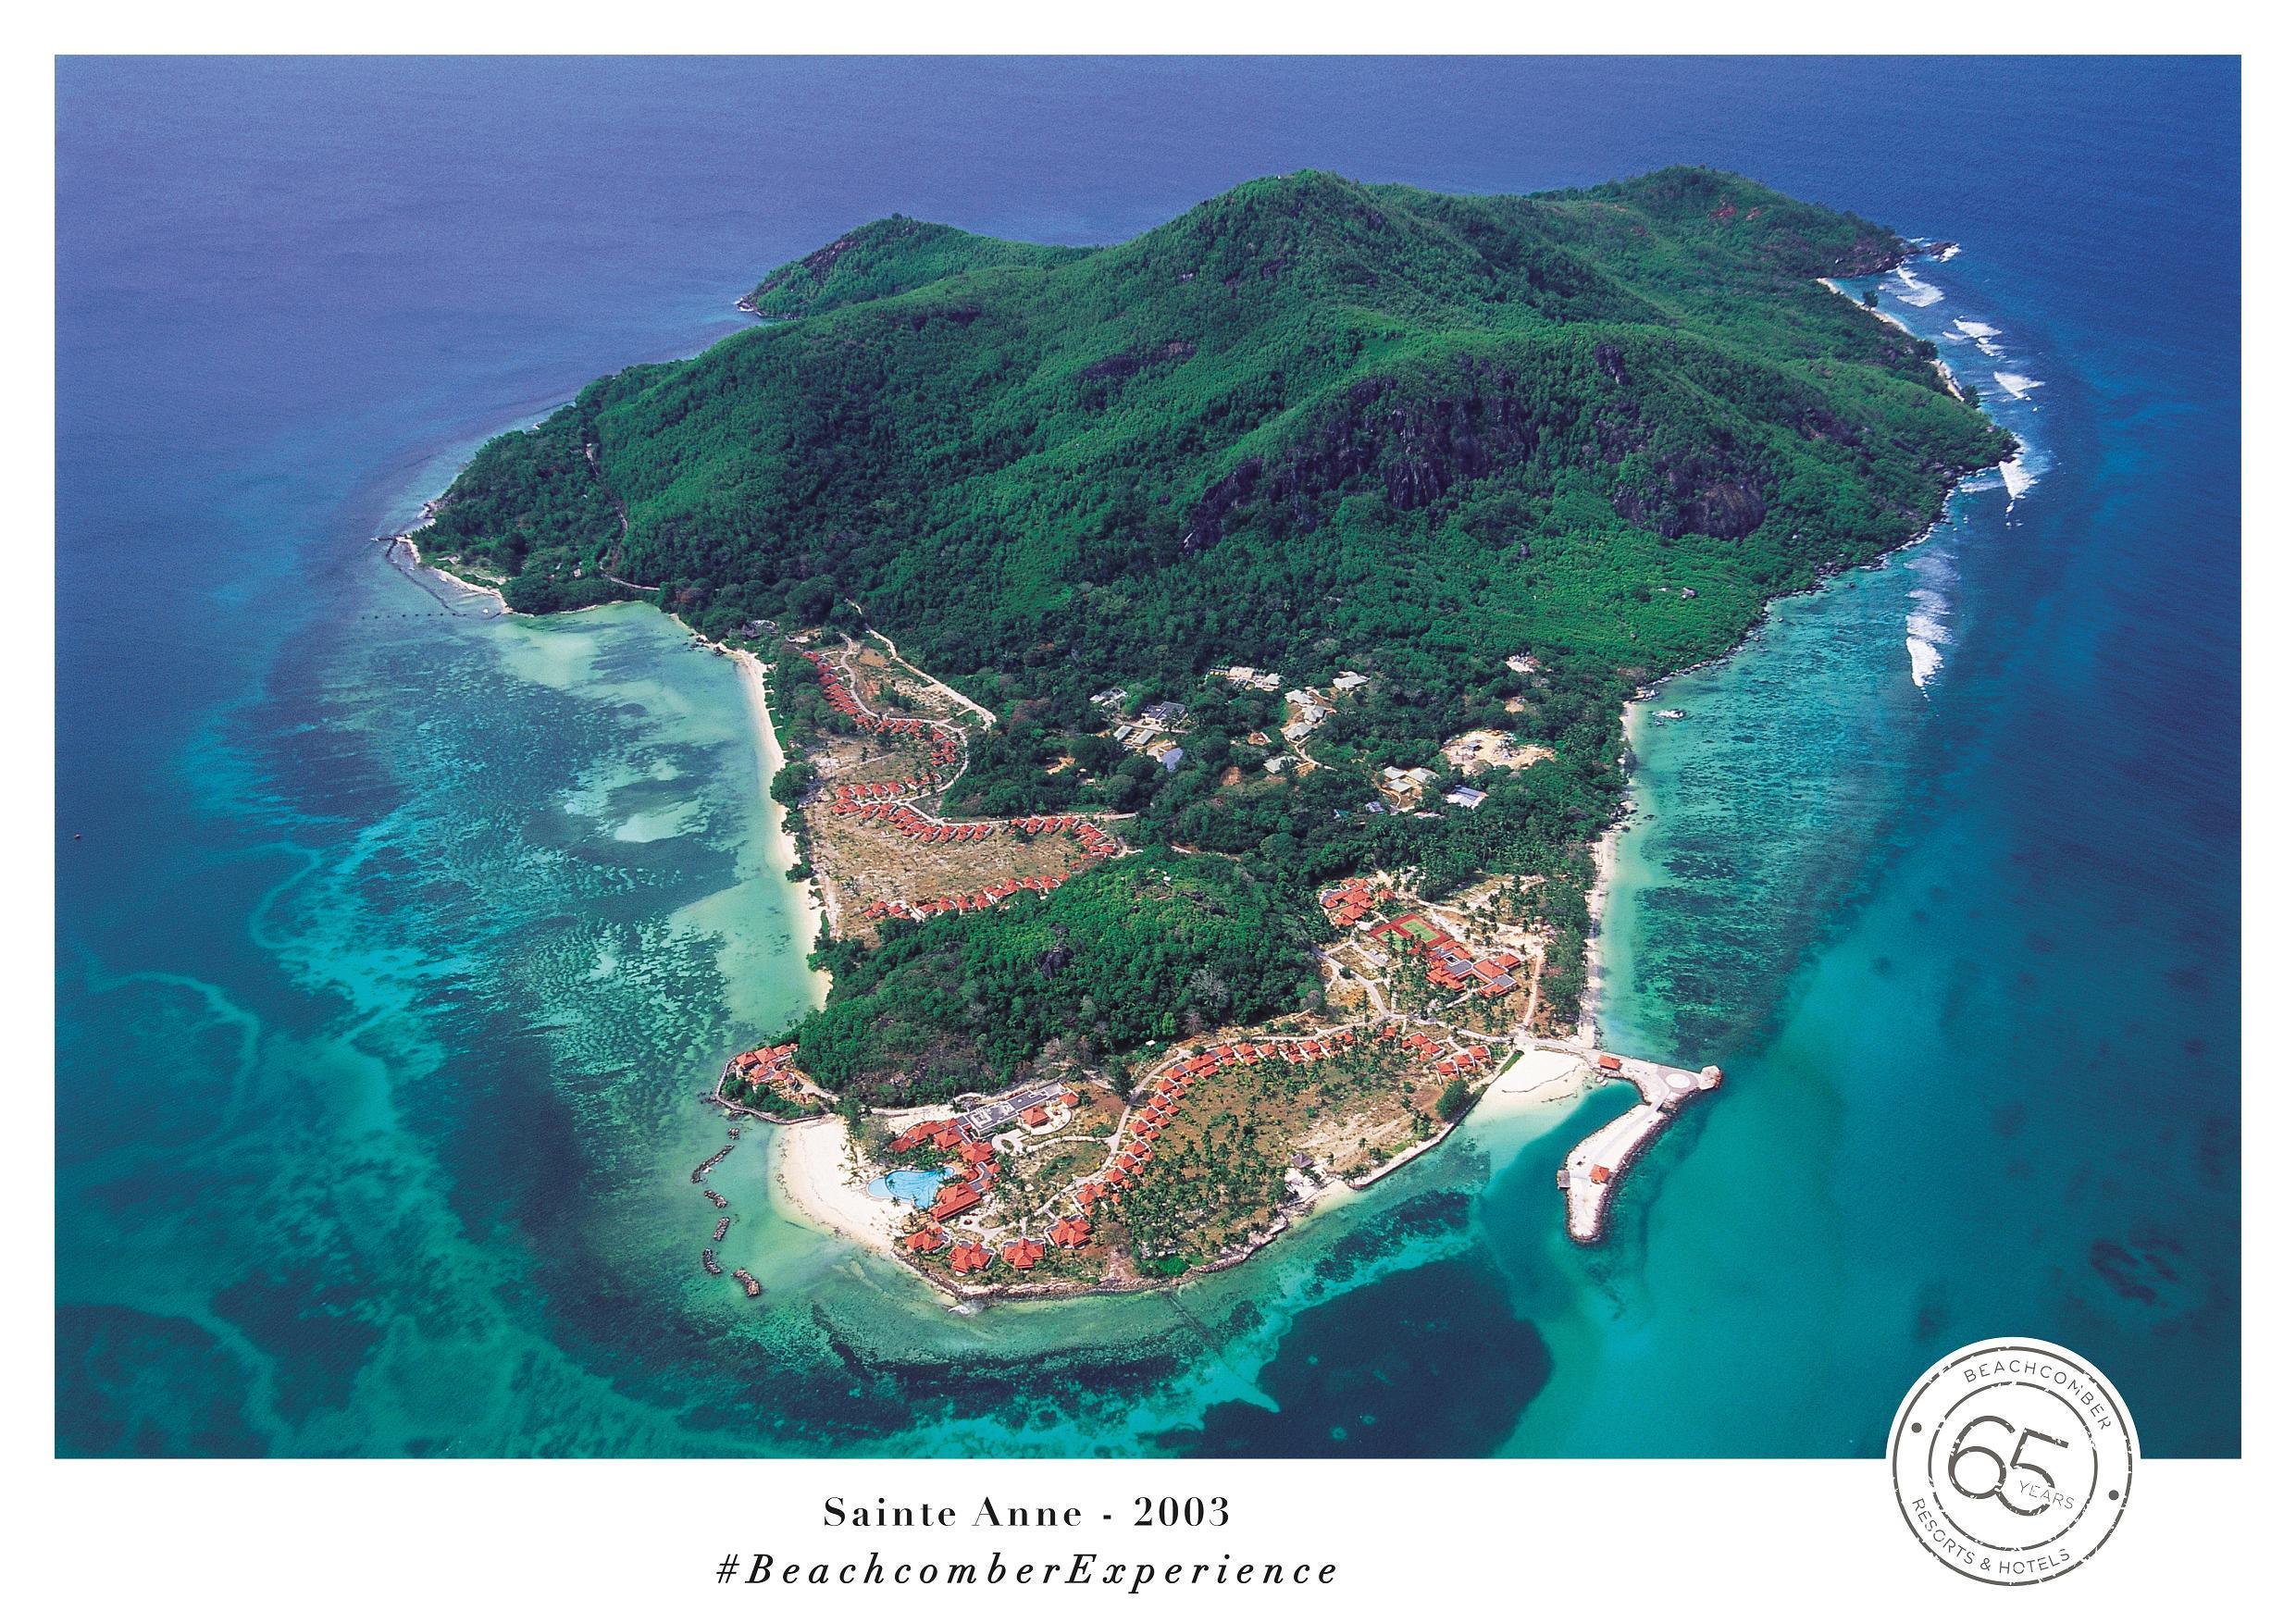 En 2001, le Sainte Anne Resort & Spa est inauguré sur une île seychelloise privée de 220 hectares, au cœur d'un magnifique parc marin - DR : Beachcomber